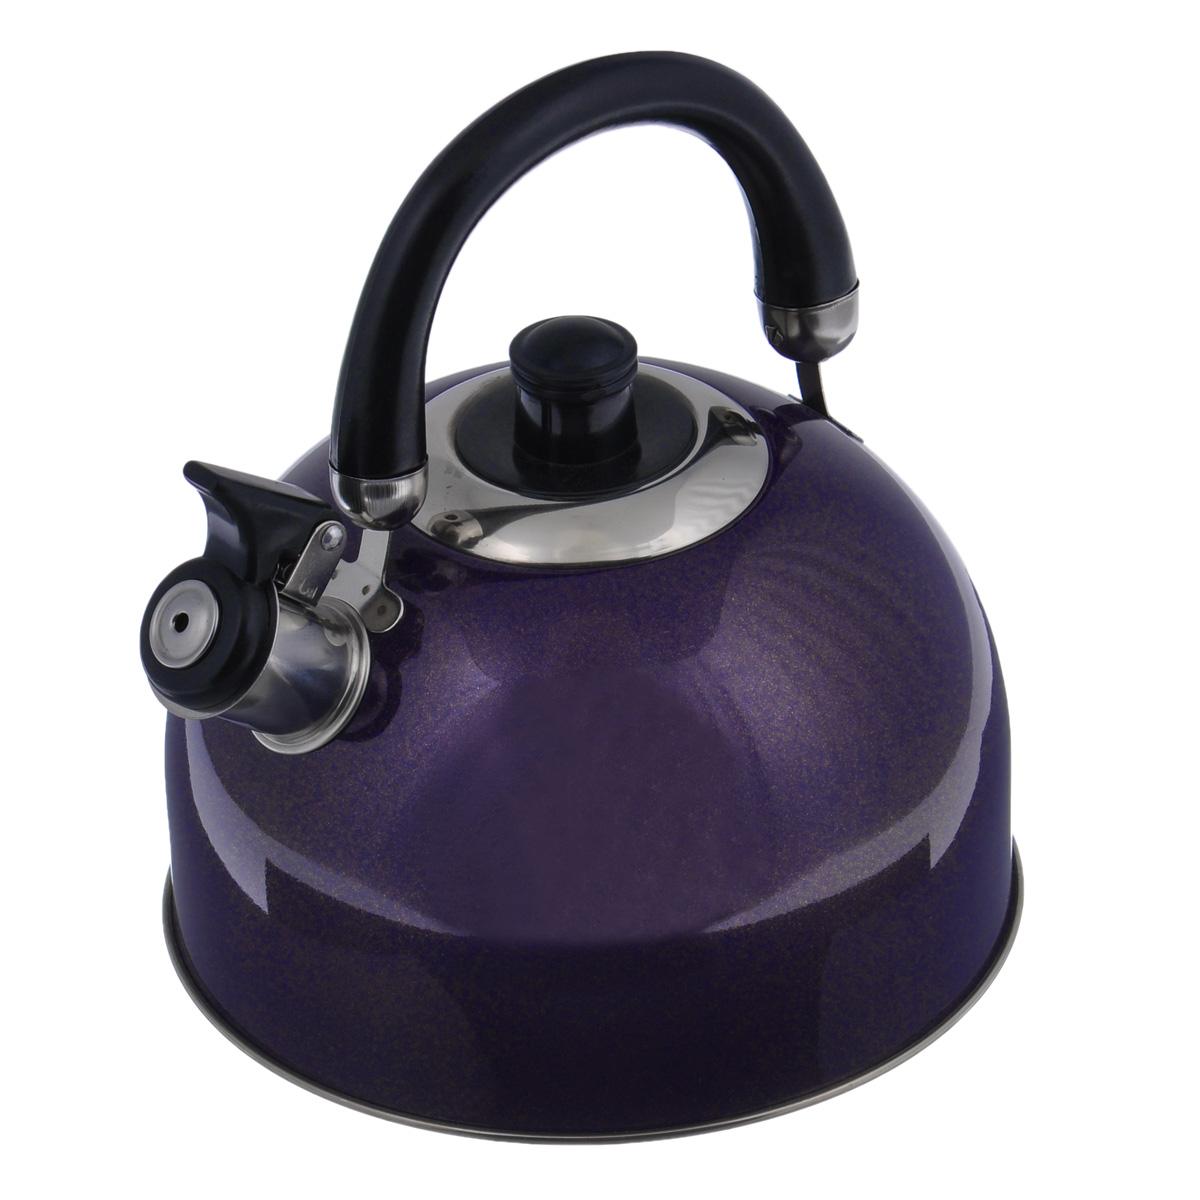 Чайник Mayer & Boch Modern со свистком, цвет: фиолетовый, 2,7 л. 23595-2CM000001328Чайник Mayer & Boch Modern выполнен из высококачественной нержавеющей стали, что обеспечивает долговечность использования. Внешнее цветное эмалевоепокрытие придает приятный внешний вид. Подвижная ручка из бакелита делает использование чайника очень удобным и безопасным. Чайник снабжен свистком и устройством для открывания носика.Можно мыть в посудомоечной машине. Пригоден для всех видов плит, включая индукционные.Высота чайника (без учета крышки и ручки): 11,5 см.Диаметр основания: 20 см.